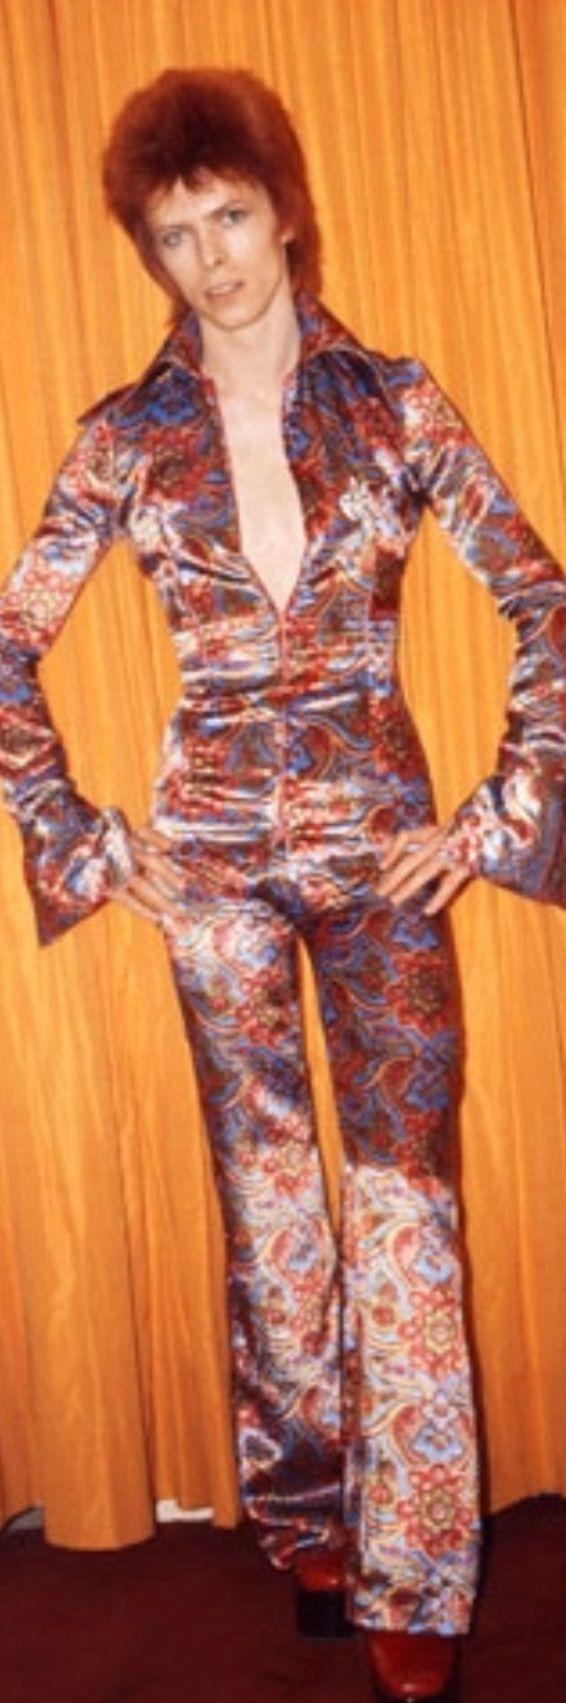 David Bowie jumpsuit David bowie fashion, David bowie